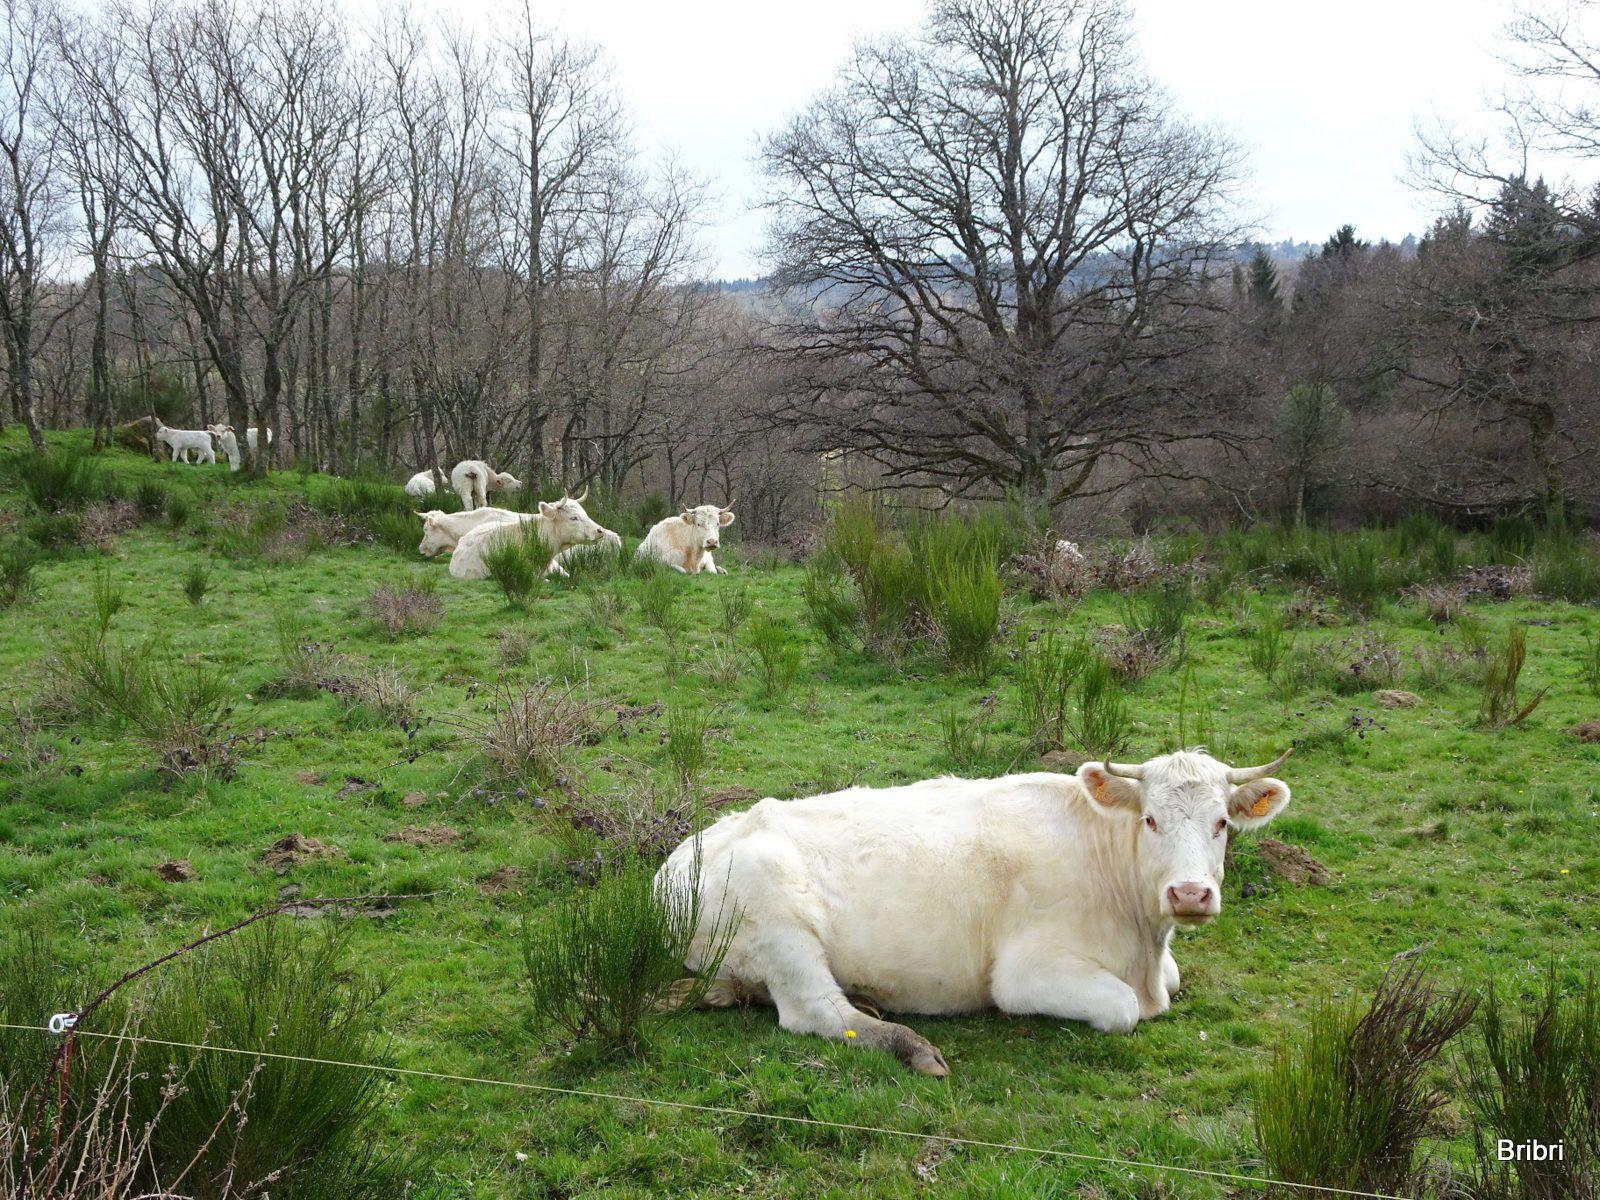 En voila encore d'autres un peu plus loin, il y a pas mal d'élevage en Auvergne.